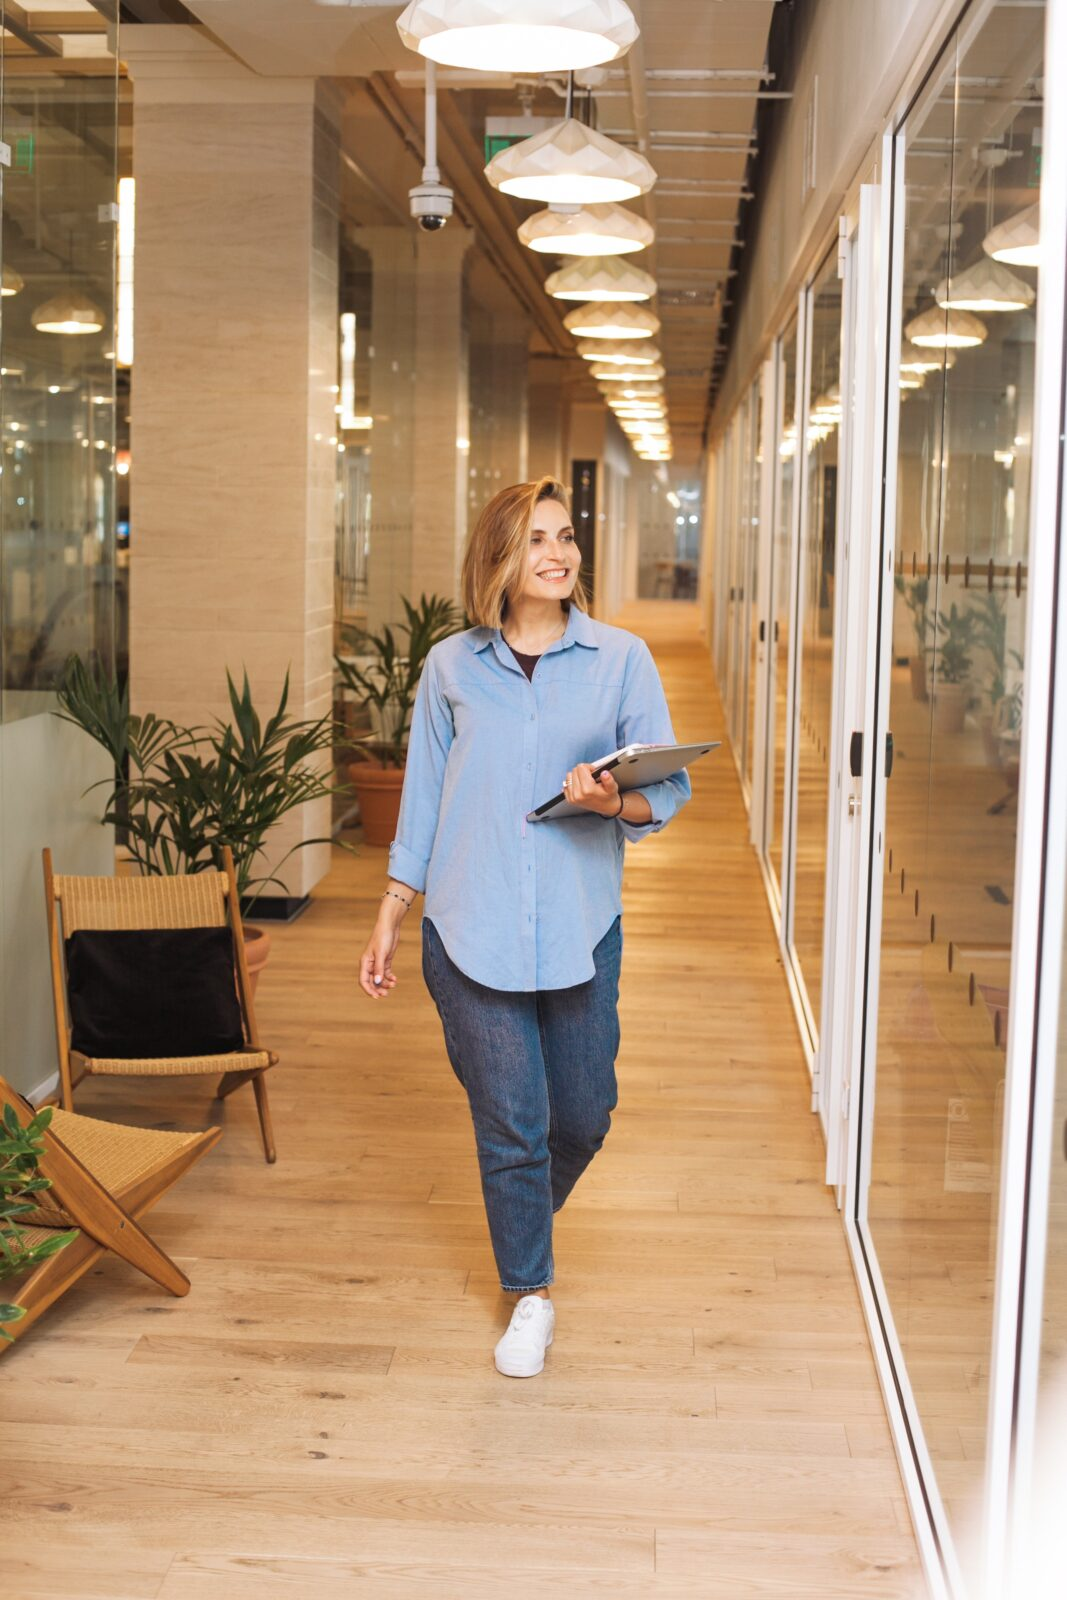 Жіноче підприємництво: шляхи розвитку та інструменти підтримки